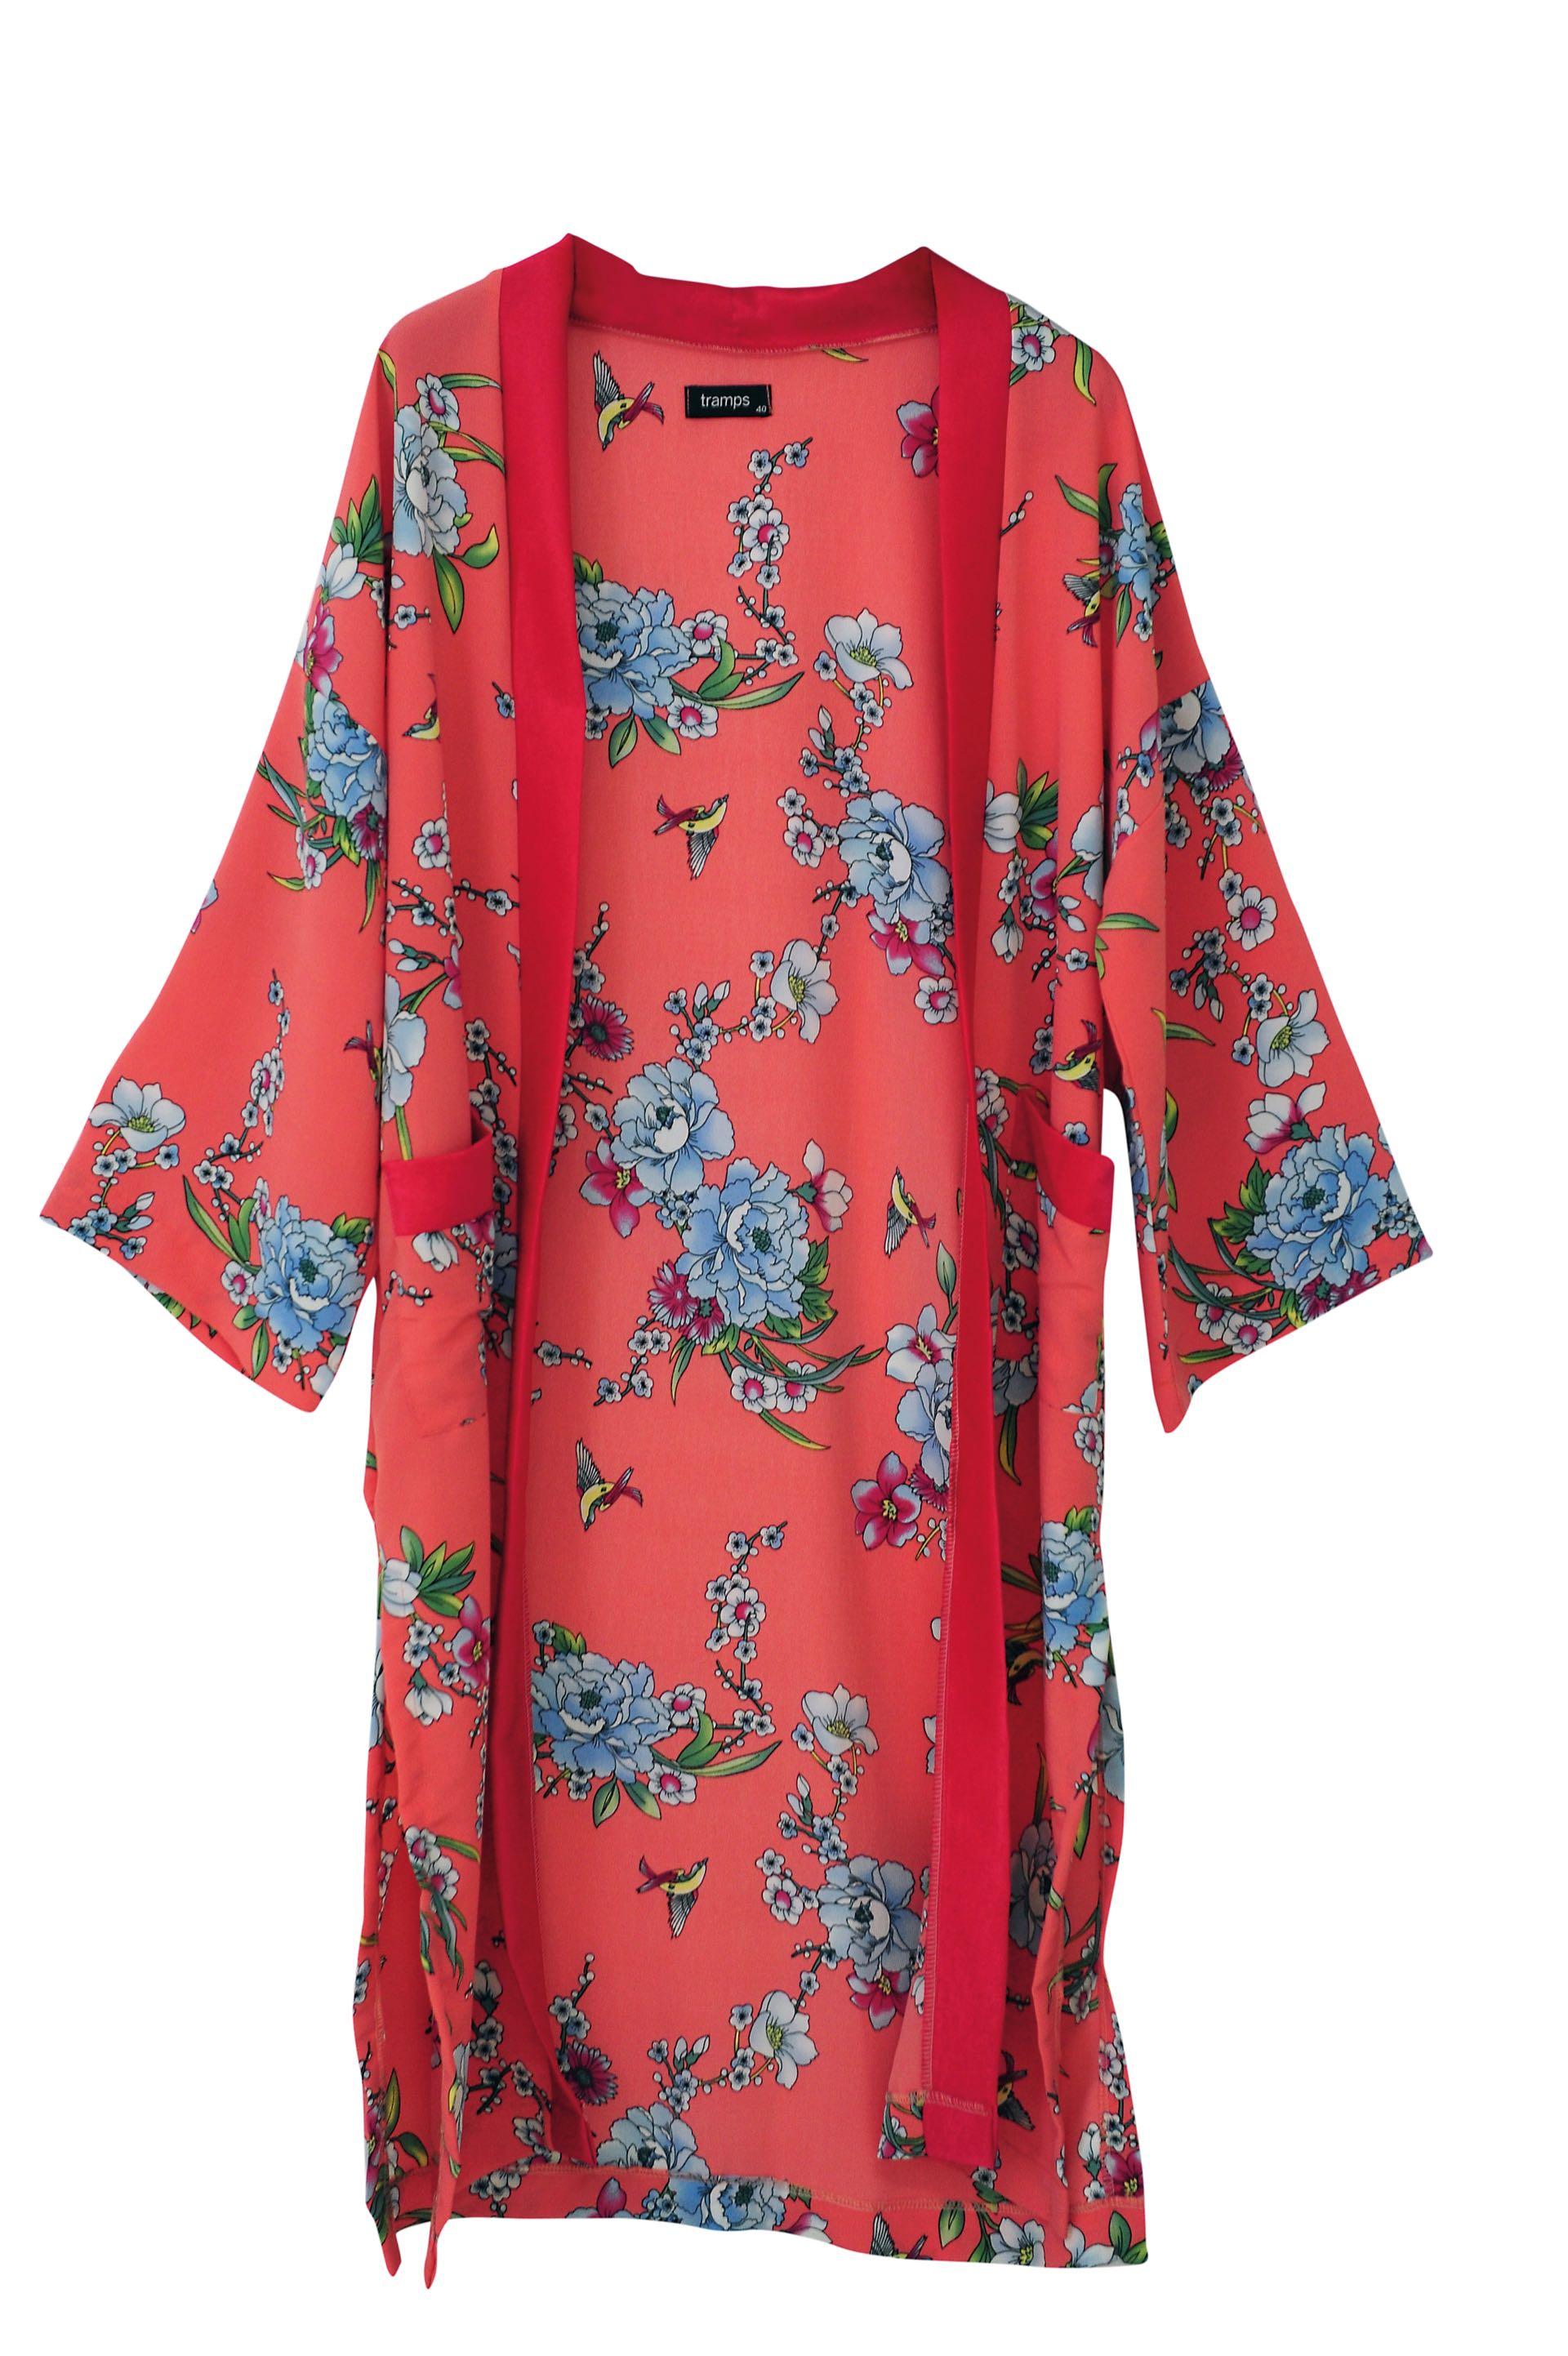 Kimono estampado (Tramps).